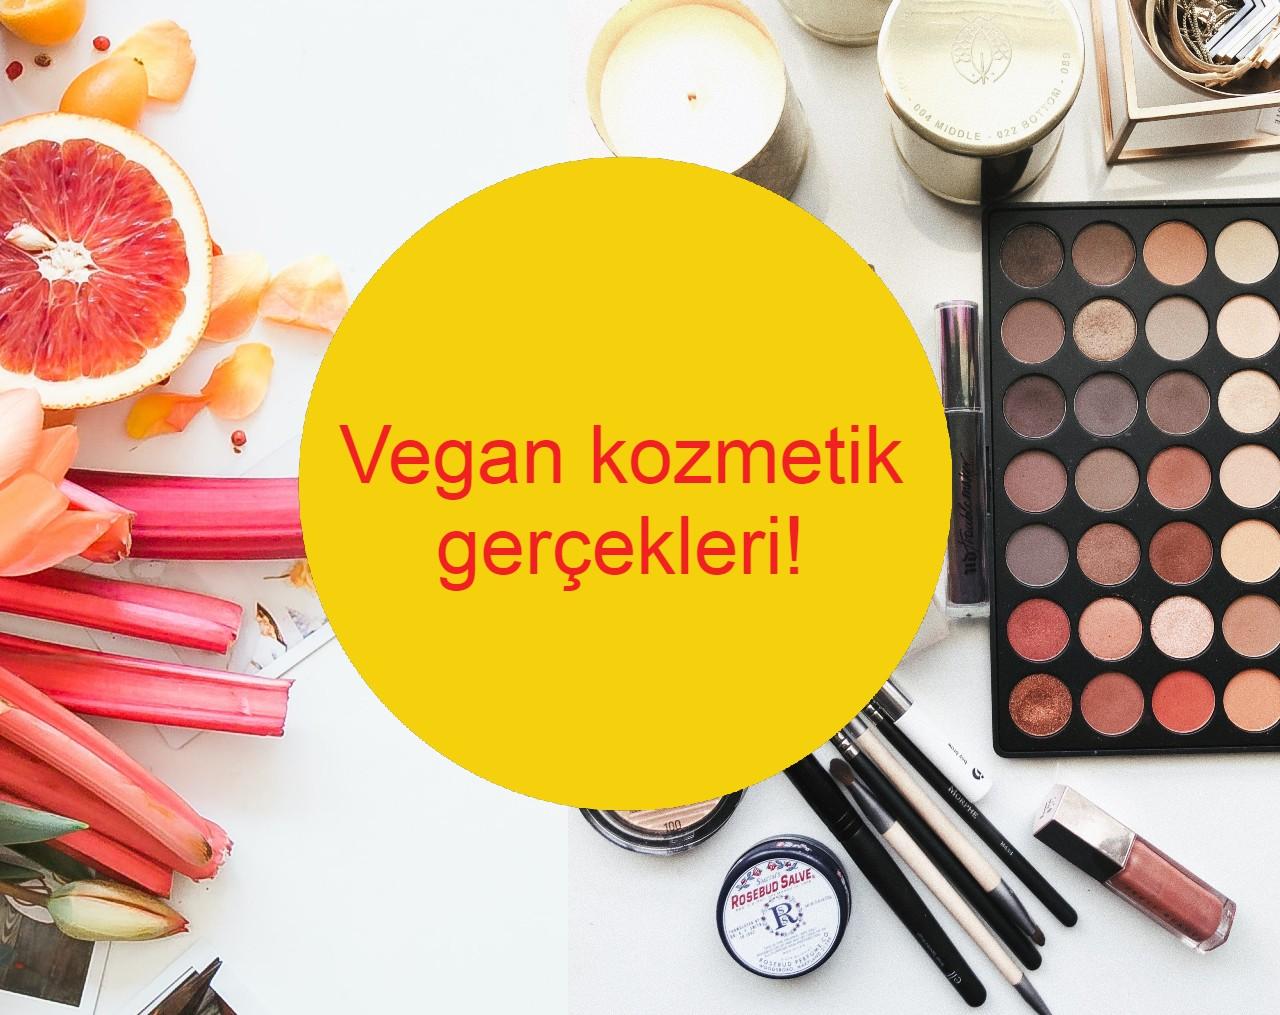 vegan kozmetik-vegan kozmetik markaları-vegan makyaj malzemesi-vegan makyaj markaları-vegan cilt bakım markaları-vegan cilt bakım ürünleri-vegan cilt ürünleri-vegan kozmetik listesi-vegan kozmetik ne demek-vegan kozmetik nedir-vegan kozmetik ürünler listesi-vegan kozmetik ürünleri-vegan makyaj ürünleri markaları-vegan nemlendirici-vegan parfüm markaları-vegan yüz nemlendirici-vegan yüz temizleme jeli